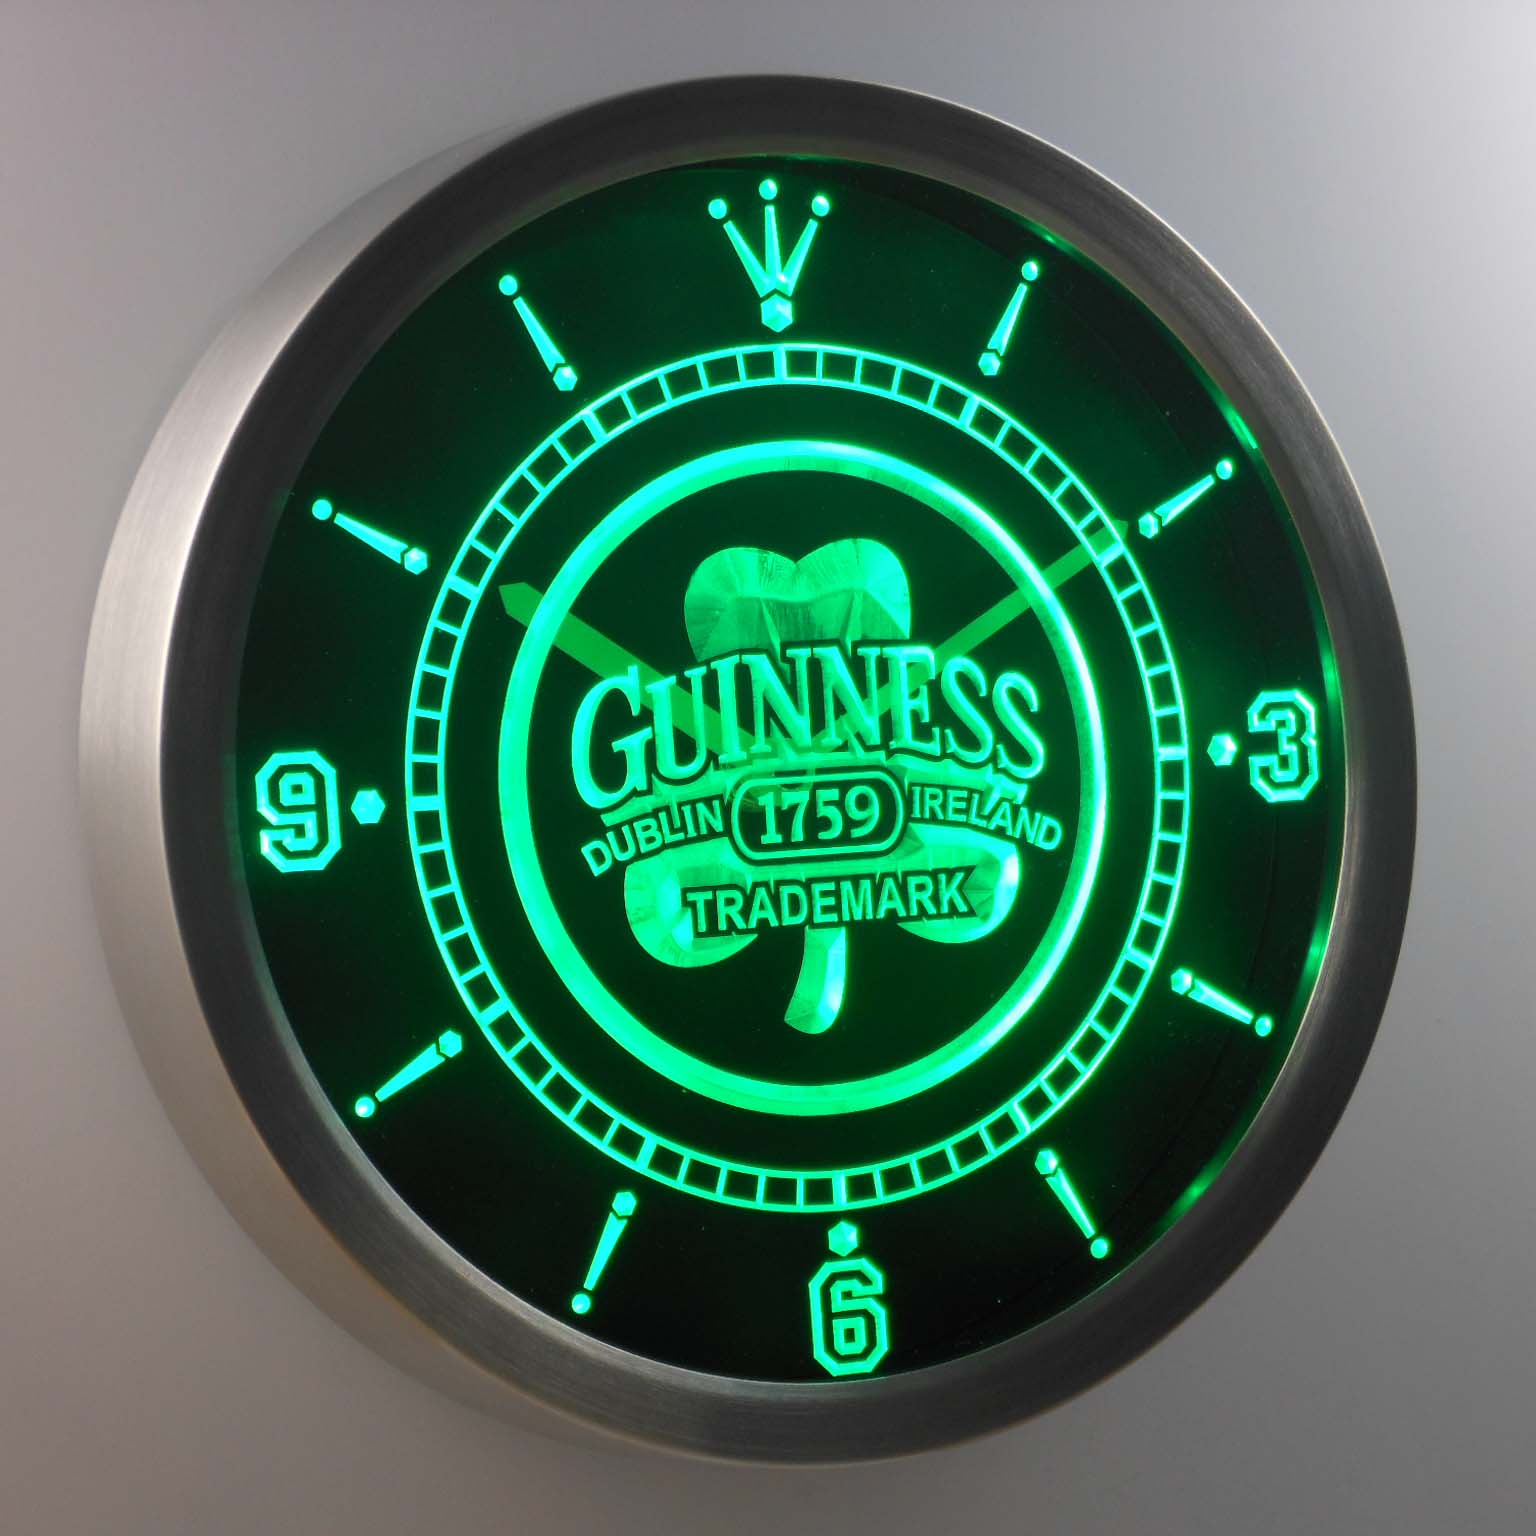 Nc0108 Guinness 1759 Shamrock Бар Пивной неоновая вывеска светодиодный настенные часы